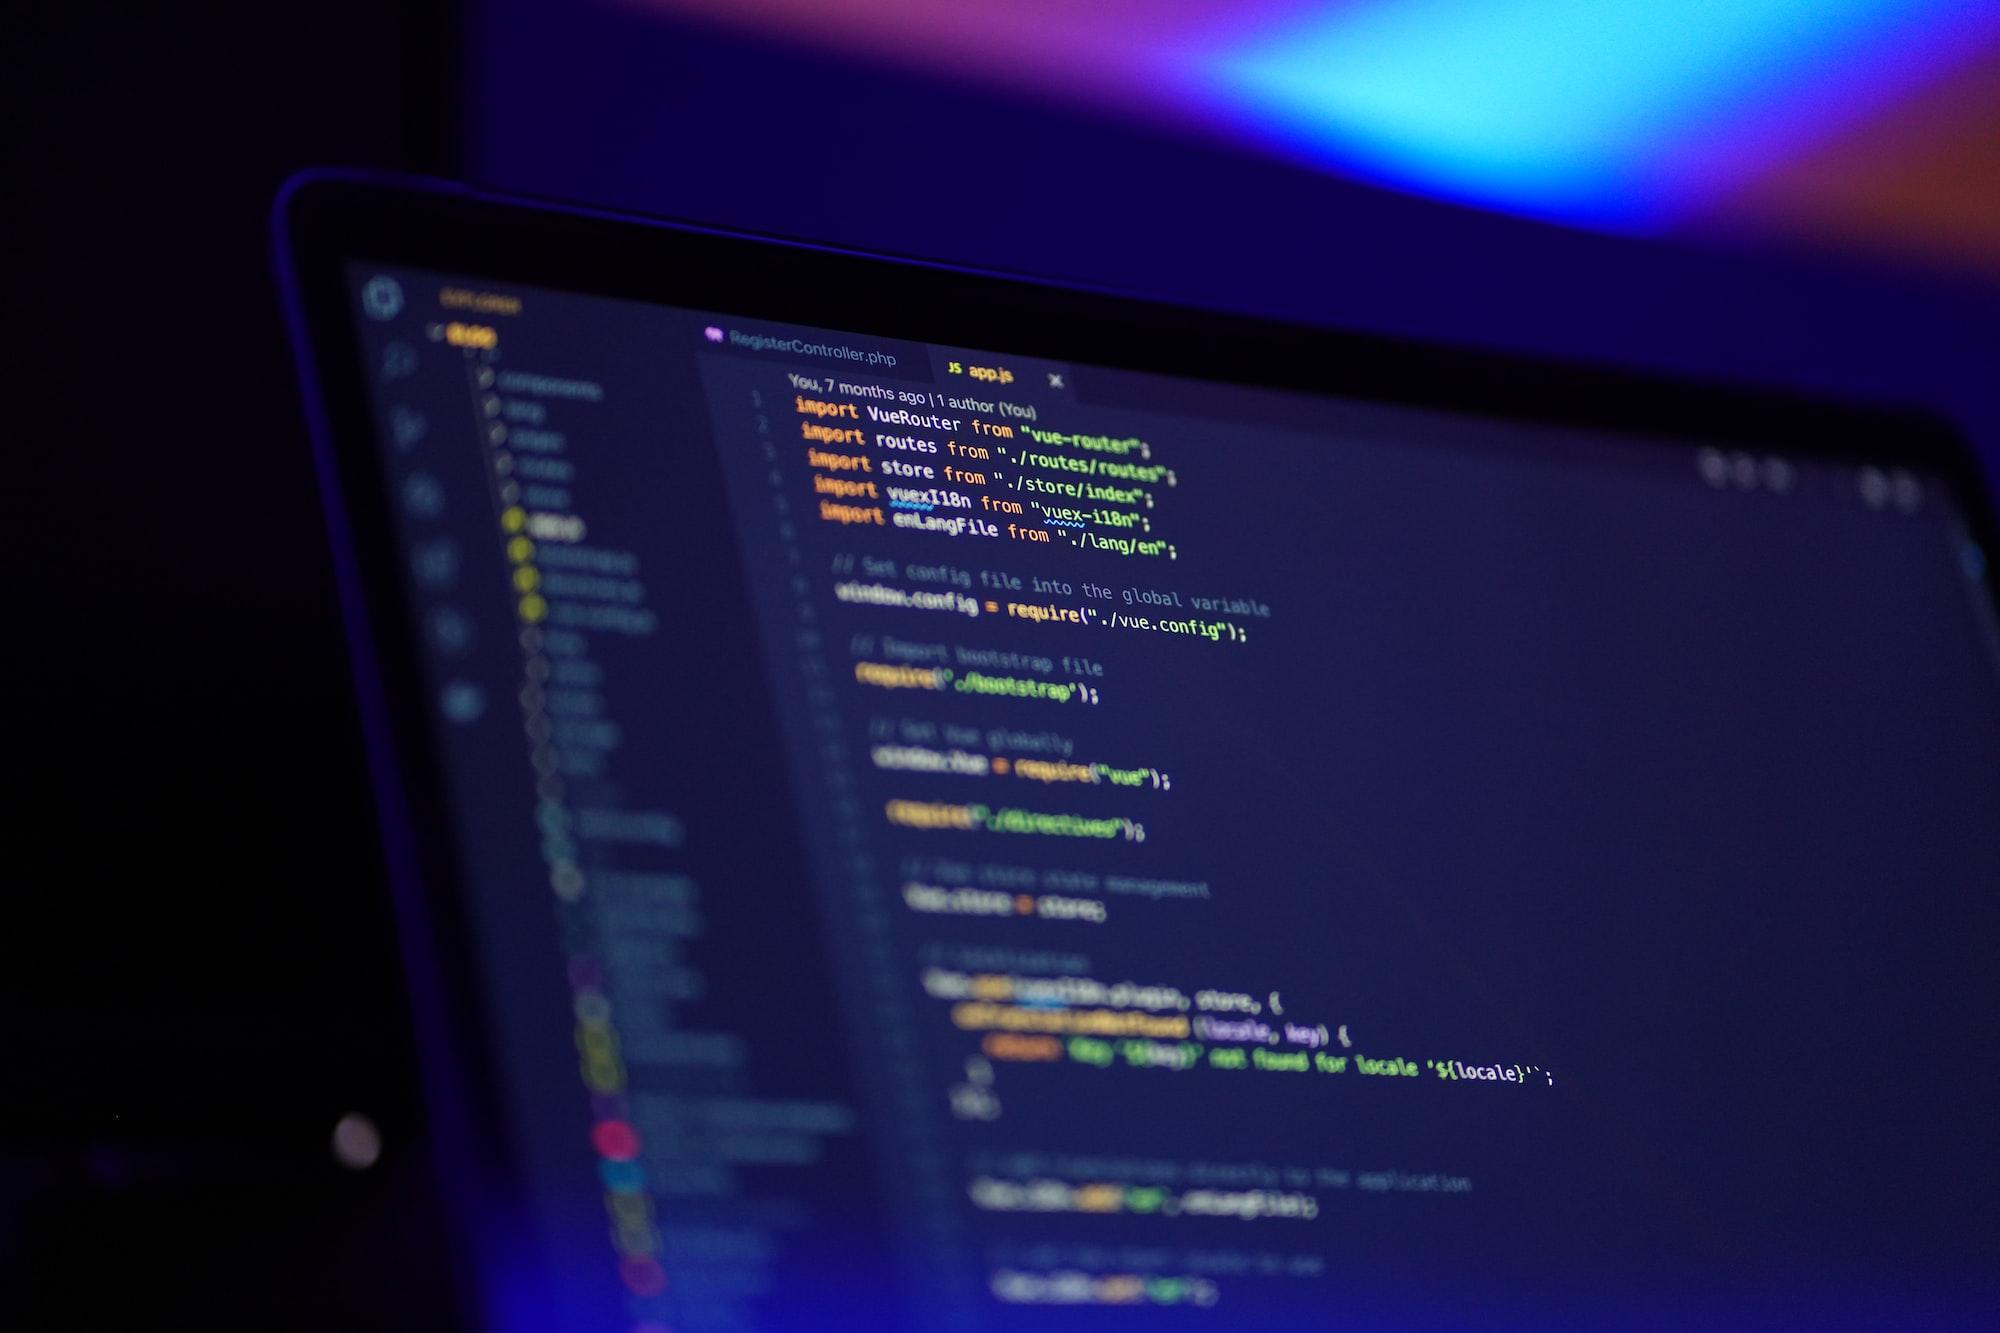 Open source software bij Nexxwave